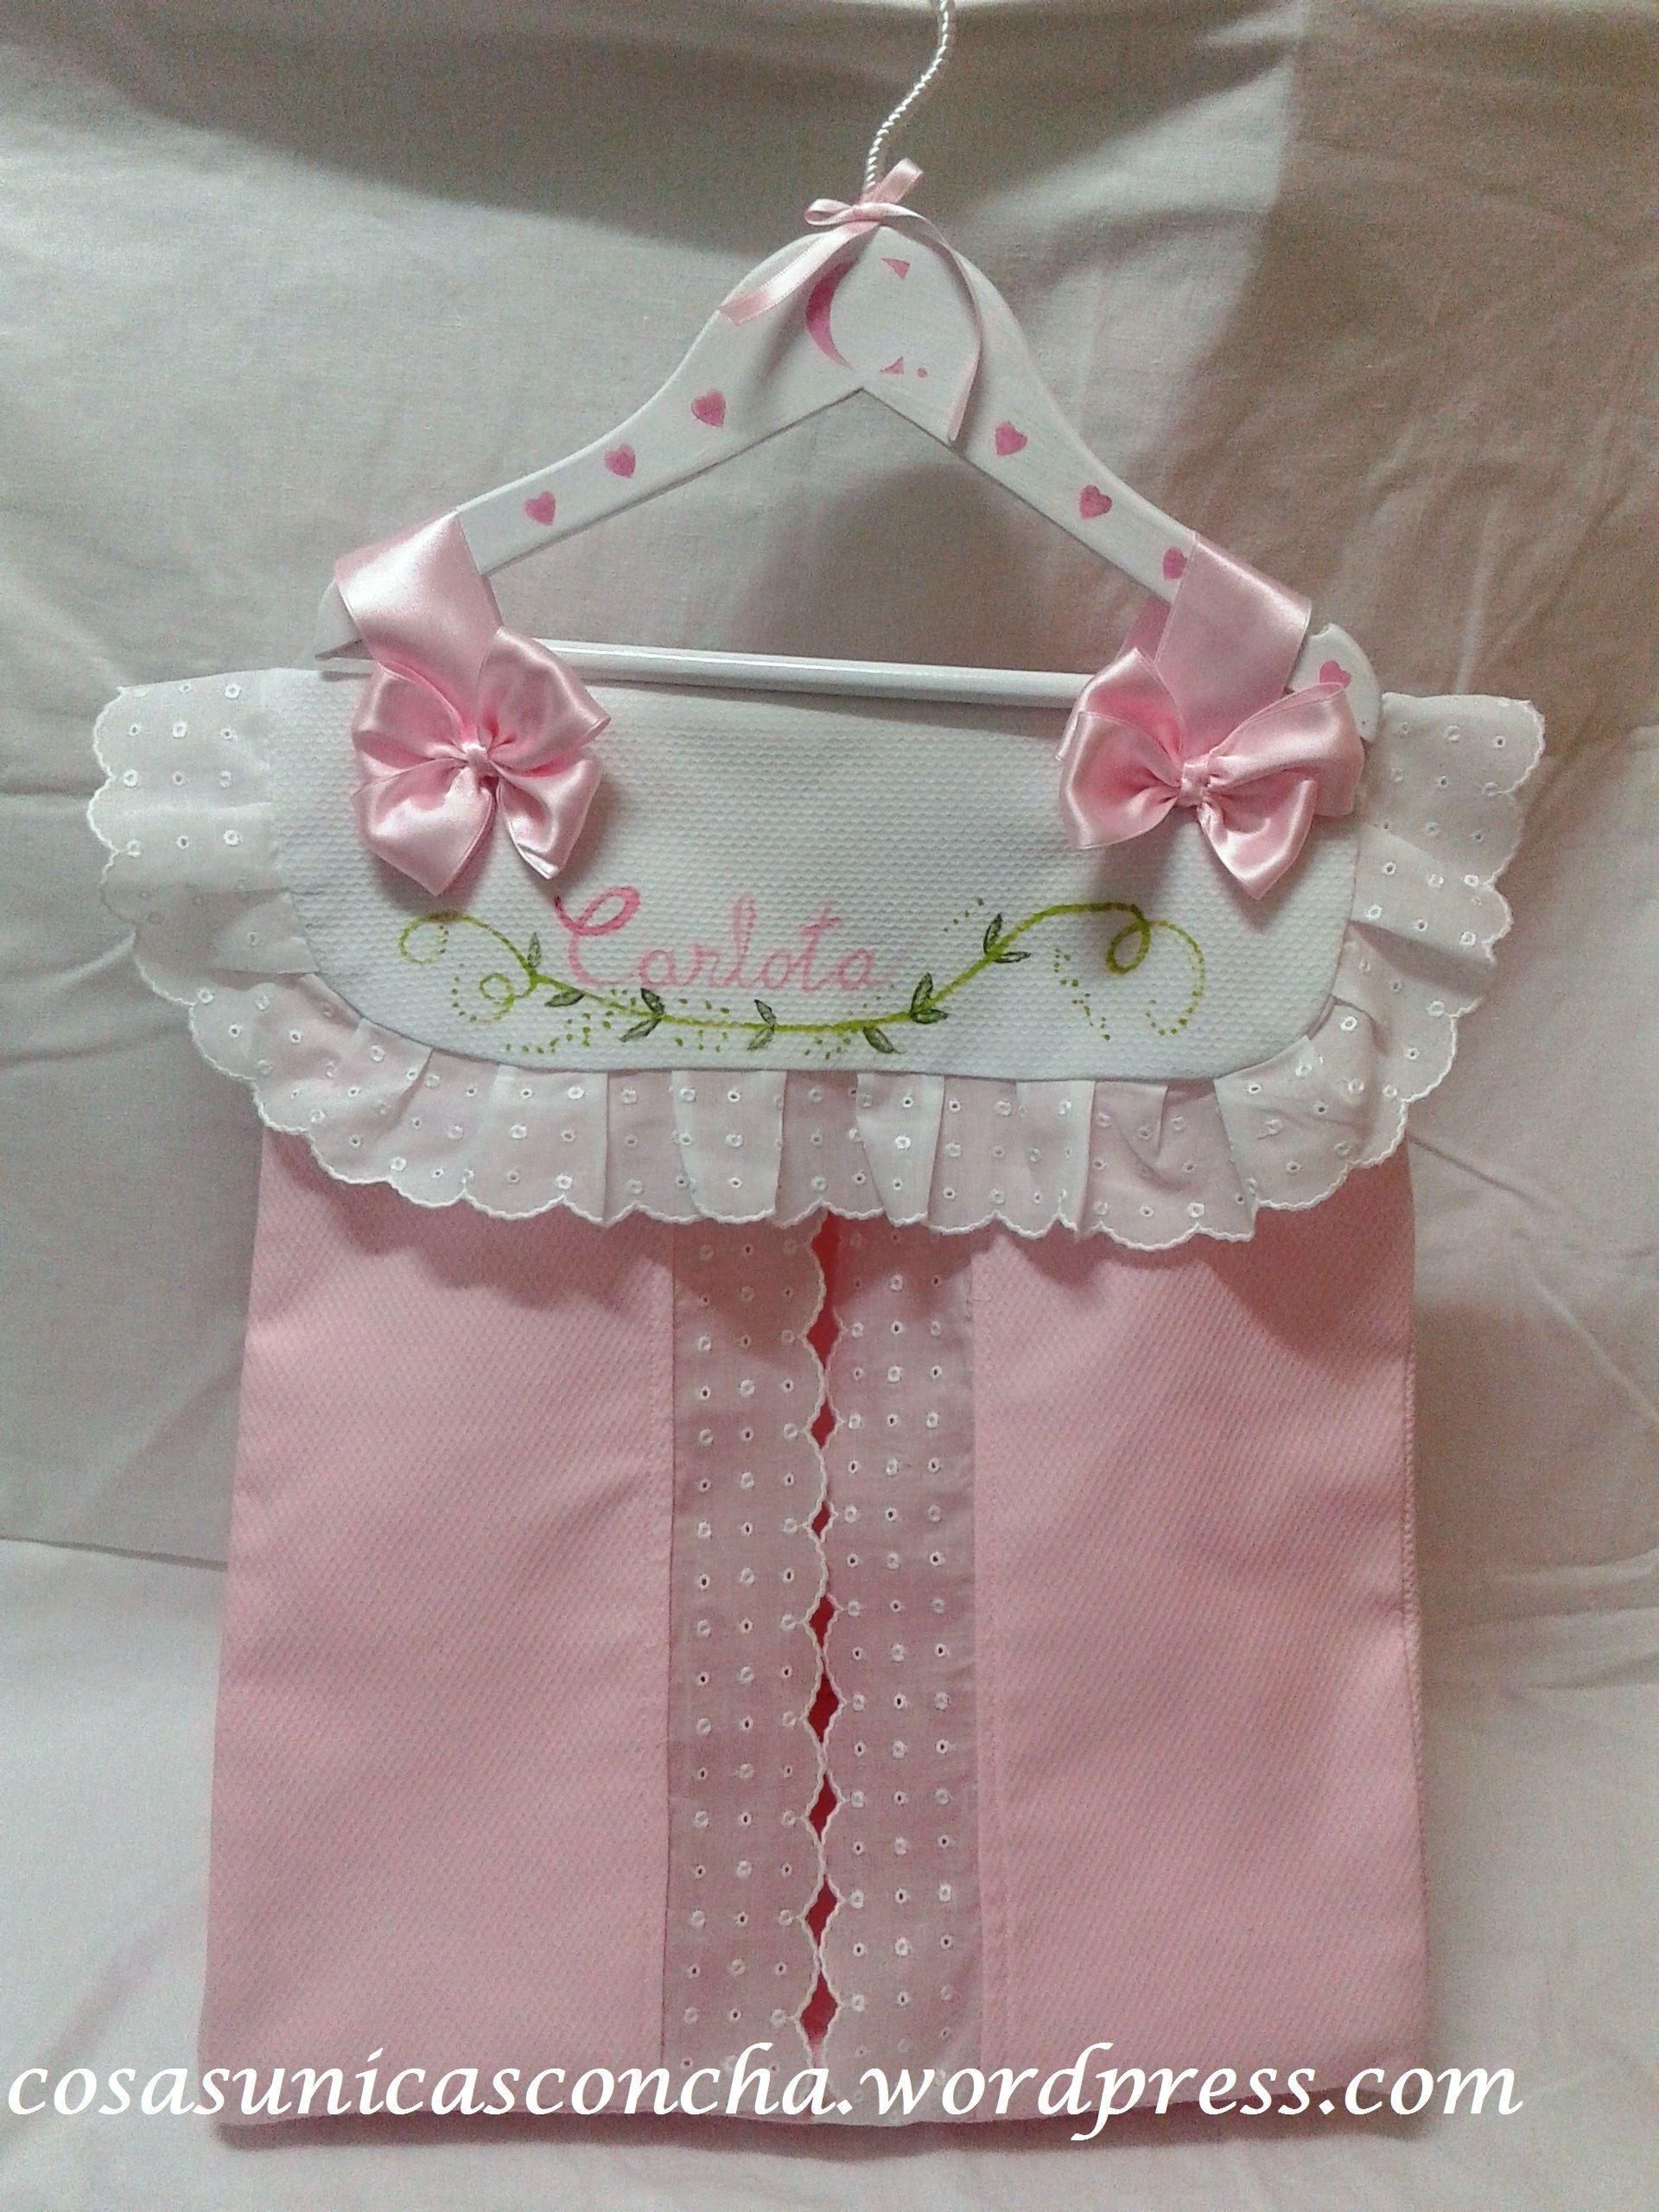 pañaleras de bebe personalizadas - Buscar con Google jueves  28ad1f5329b